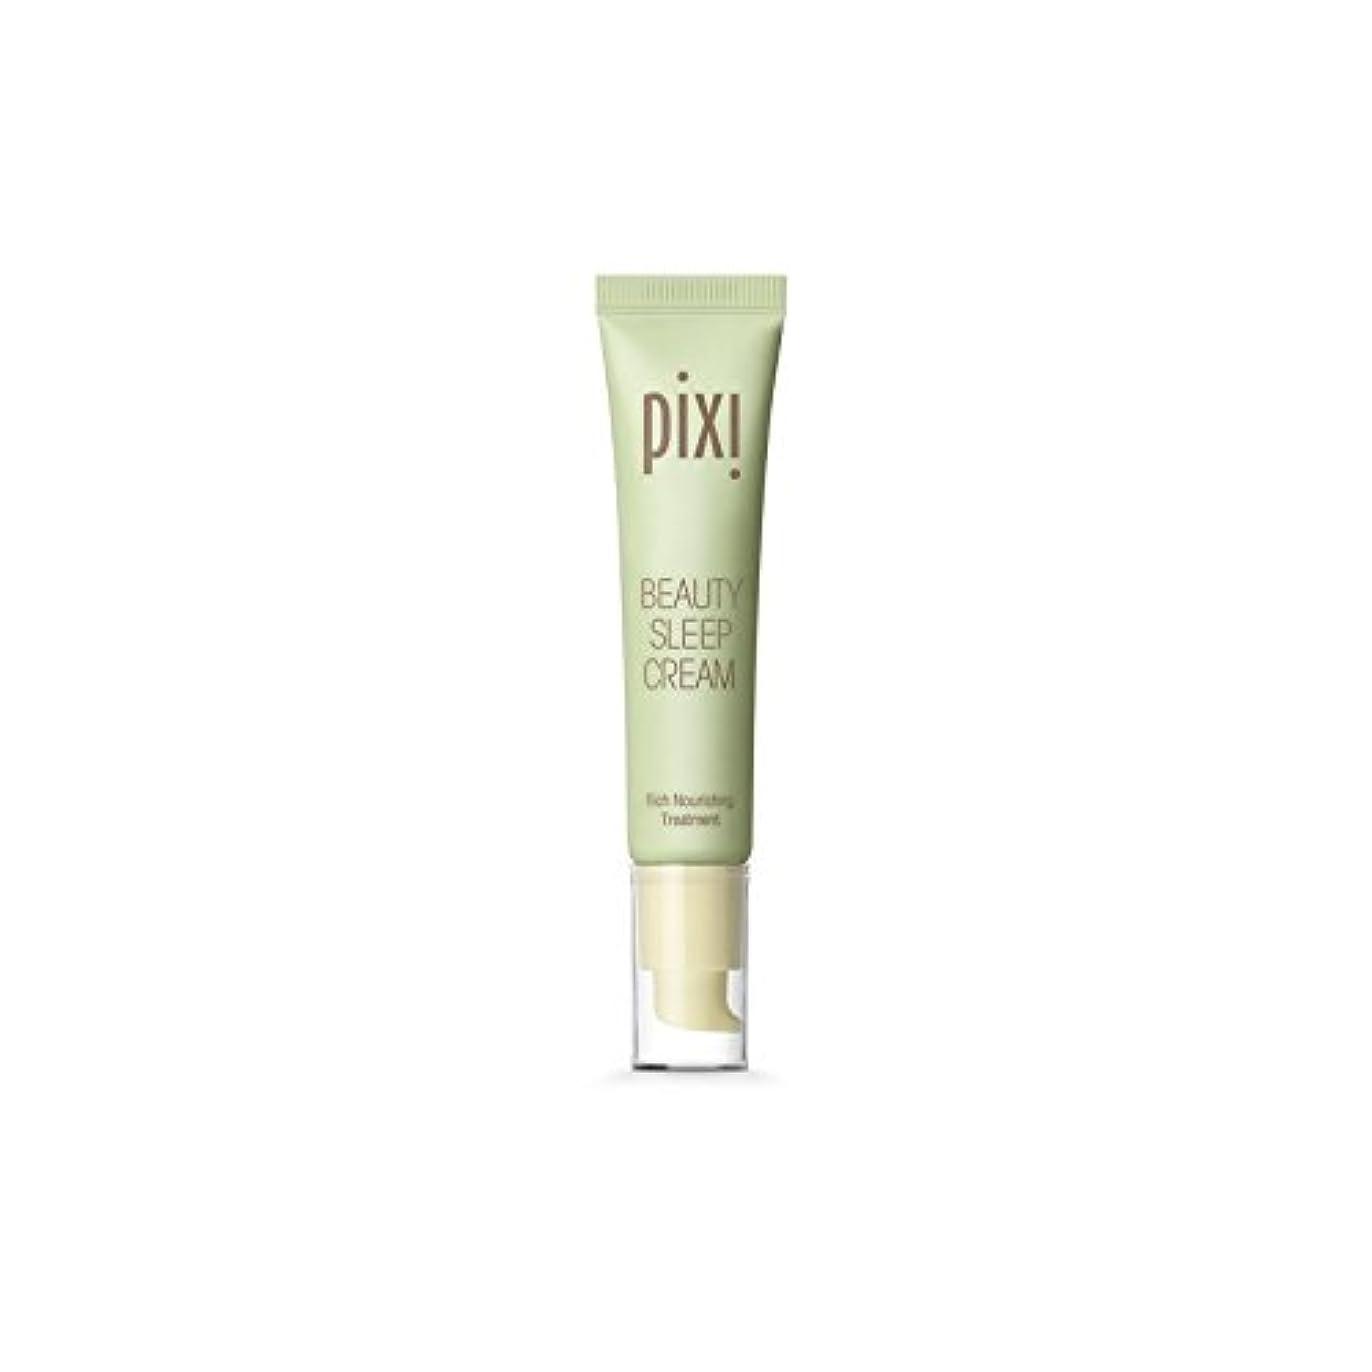 うぬぼれた花瓶胚美しさの睡眠クリーム x2 - Pixi Beauty Sleep Cream (Pack of 2) [並行輸入品]